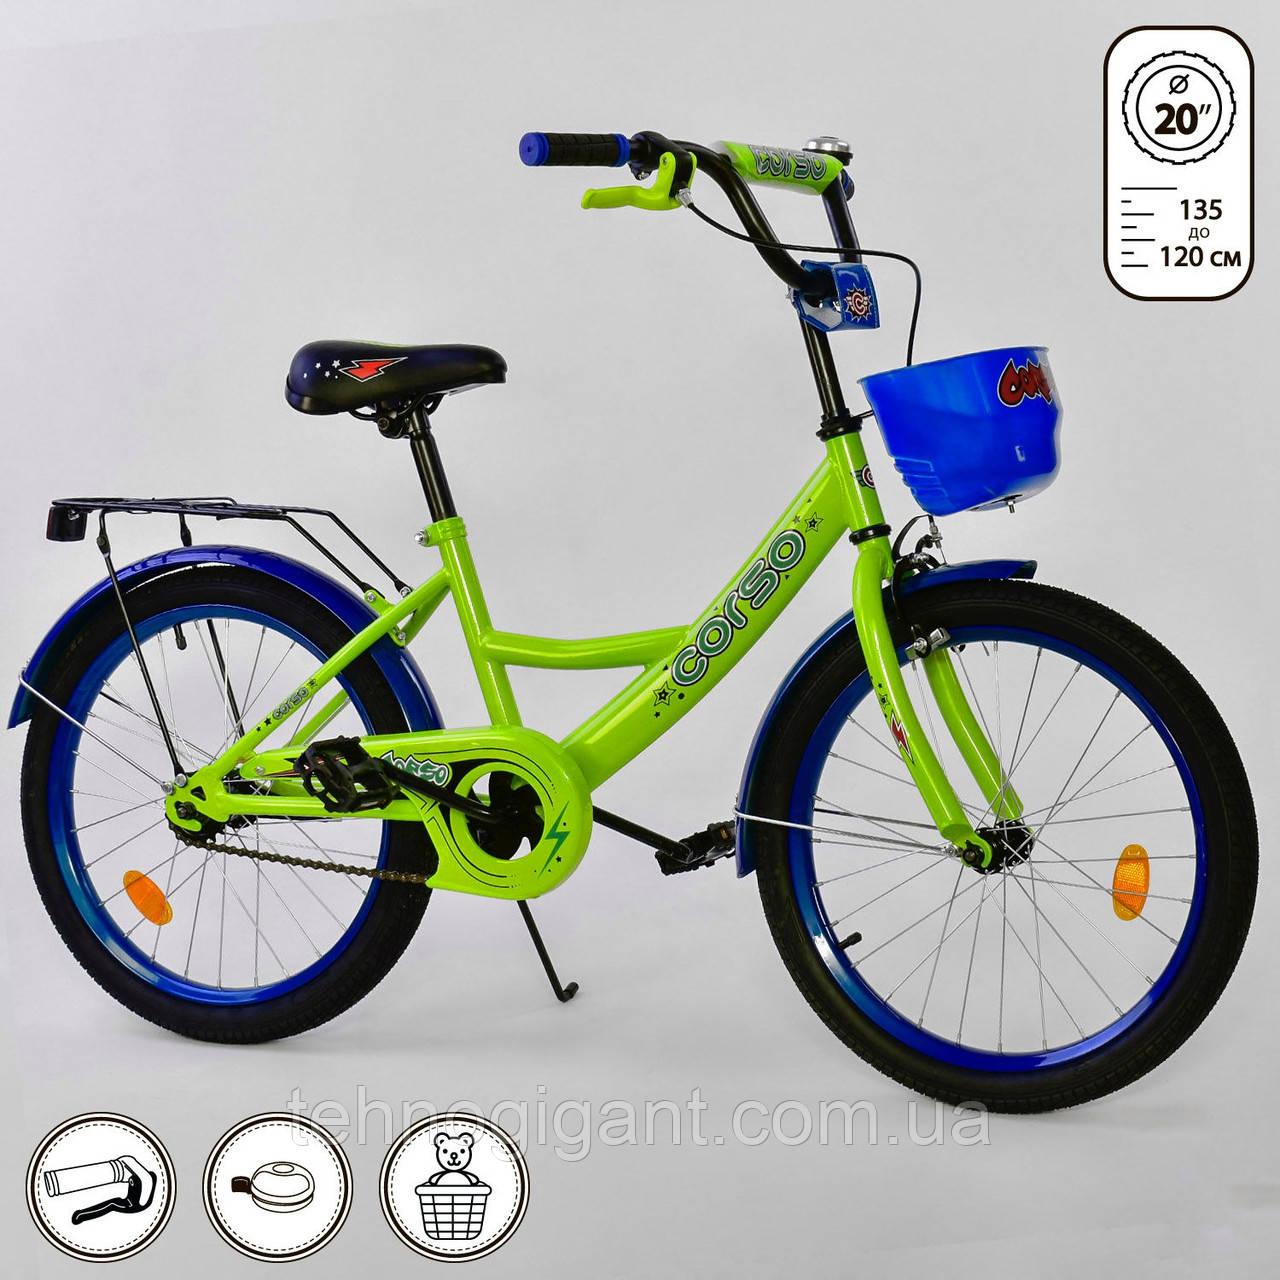 """Велосипед 20"""" дюймов 2-х колёсный """"CORSO"""" САЛАТОВЫЙ, ручной тормоз, звоночек, мягкое сидение"""